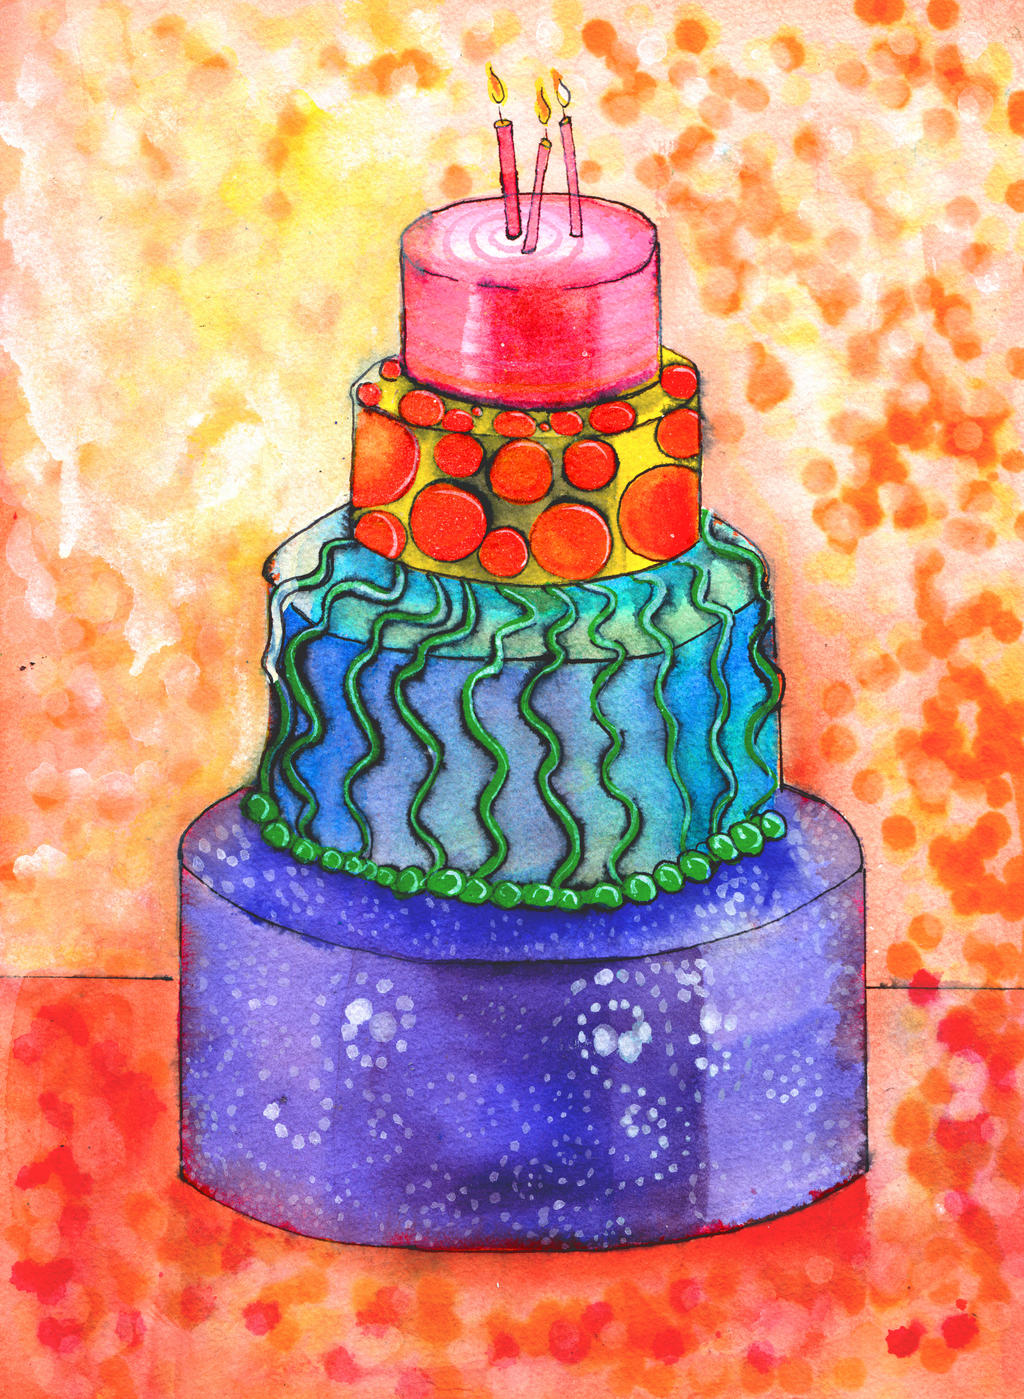 Cake Art By Jen : Cake by jenthestrawberry on DeviantArt